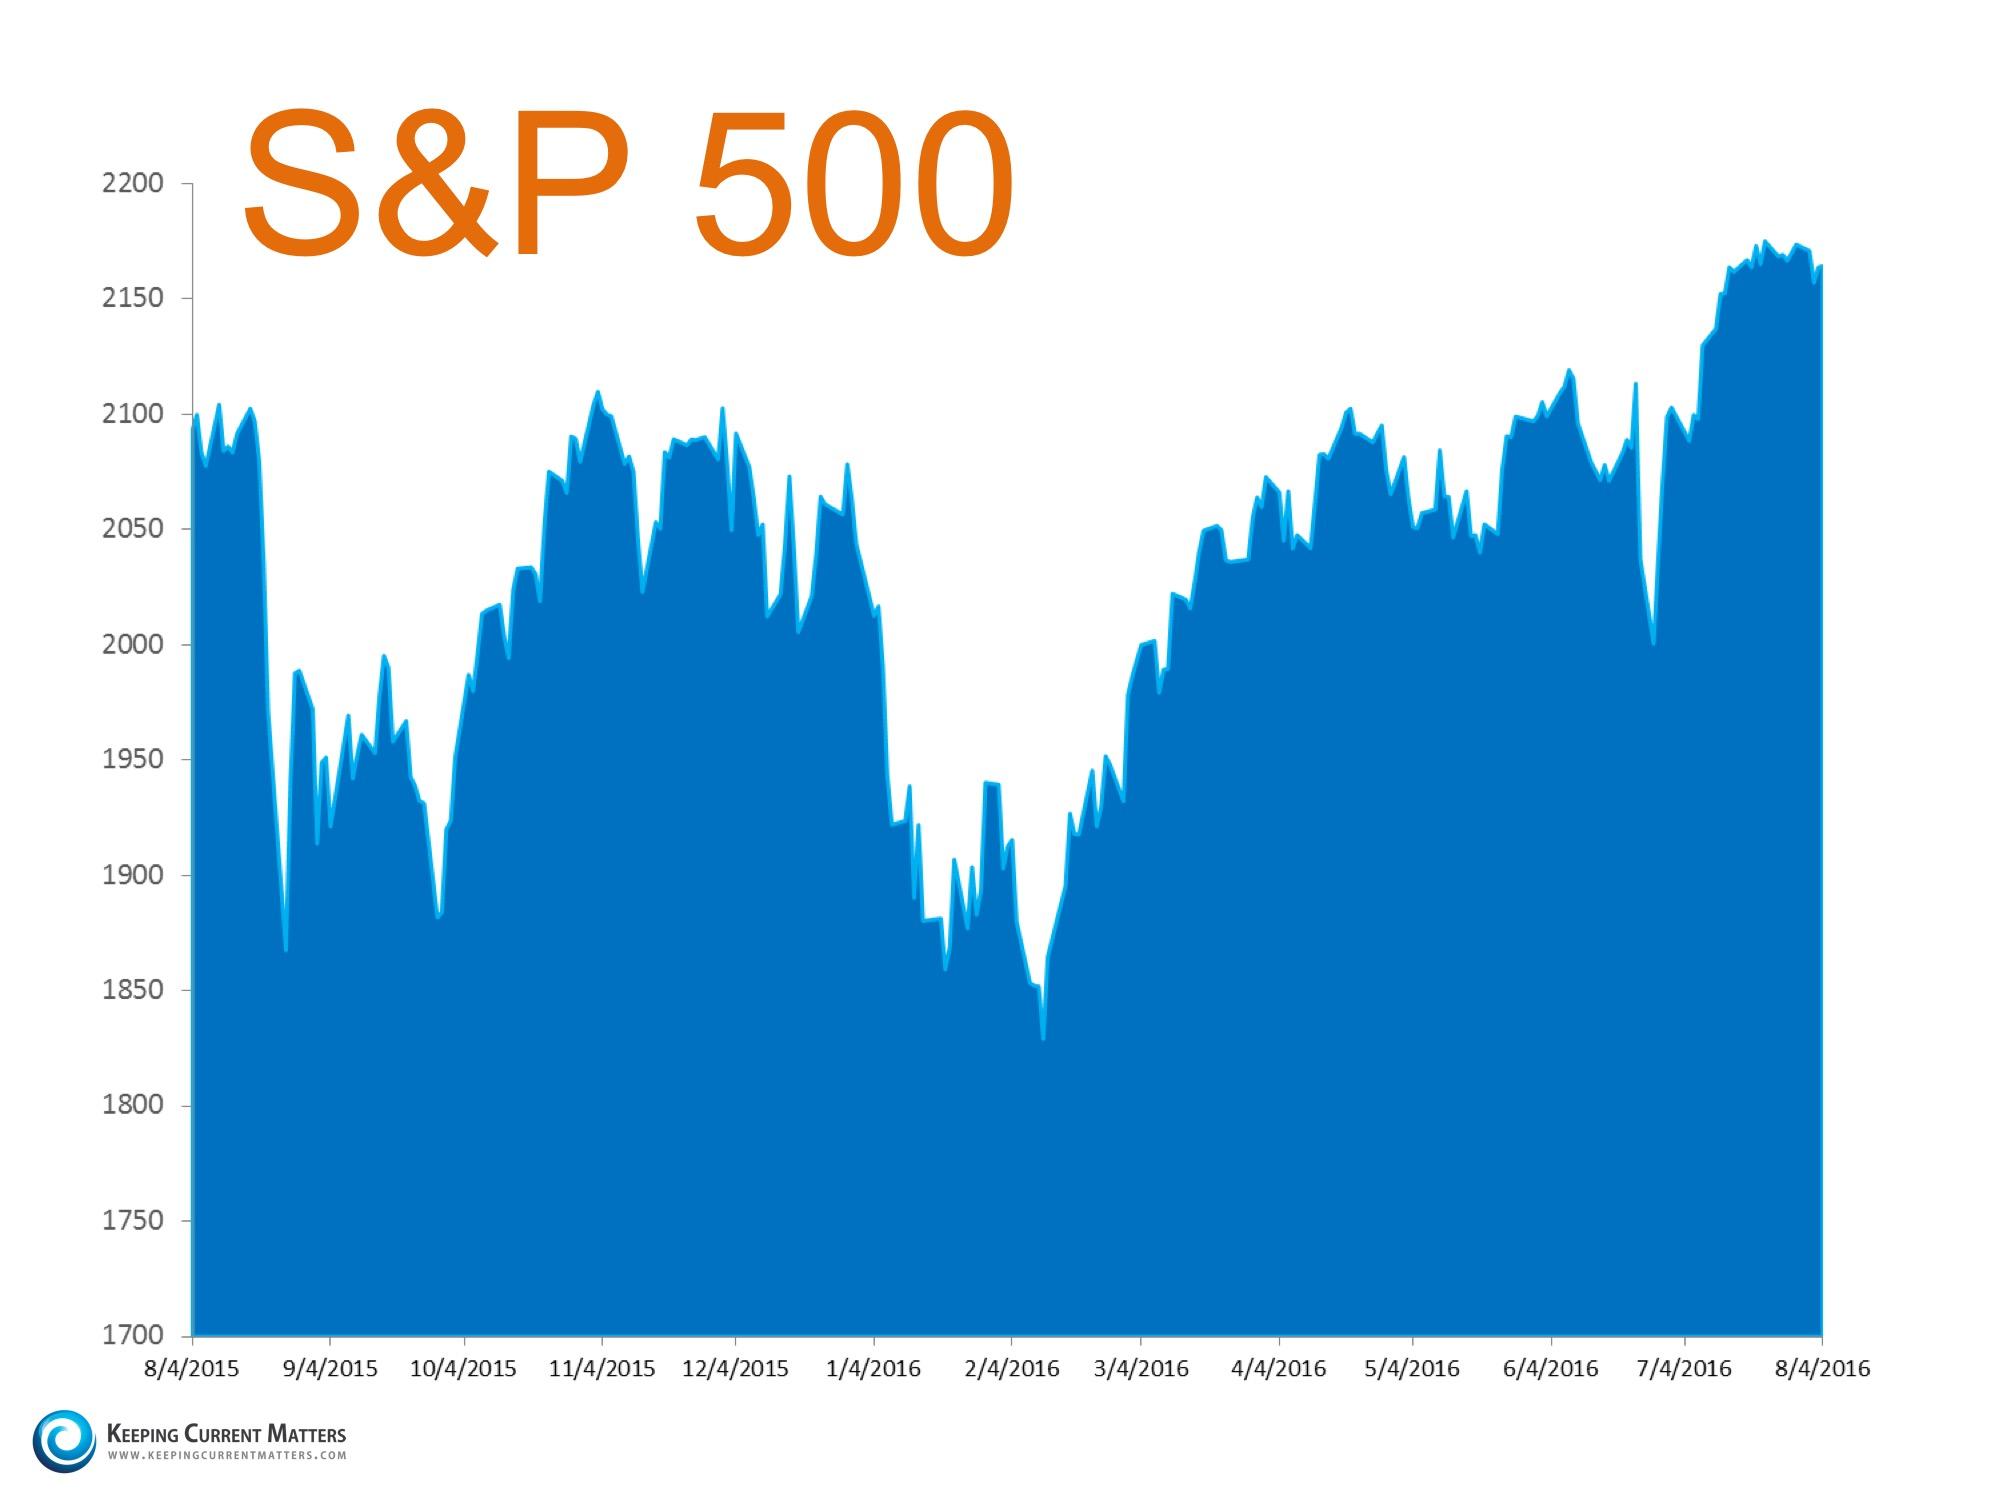 Las ventas de las casas de lujo & el impacto de la bolsa de valores   Keeping Current Matters